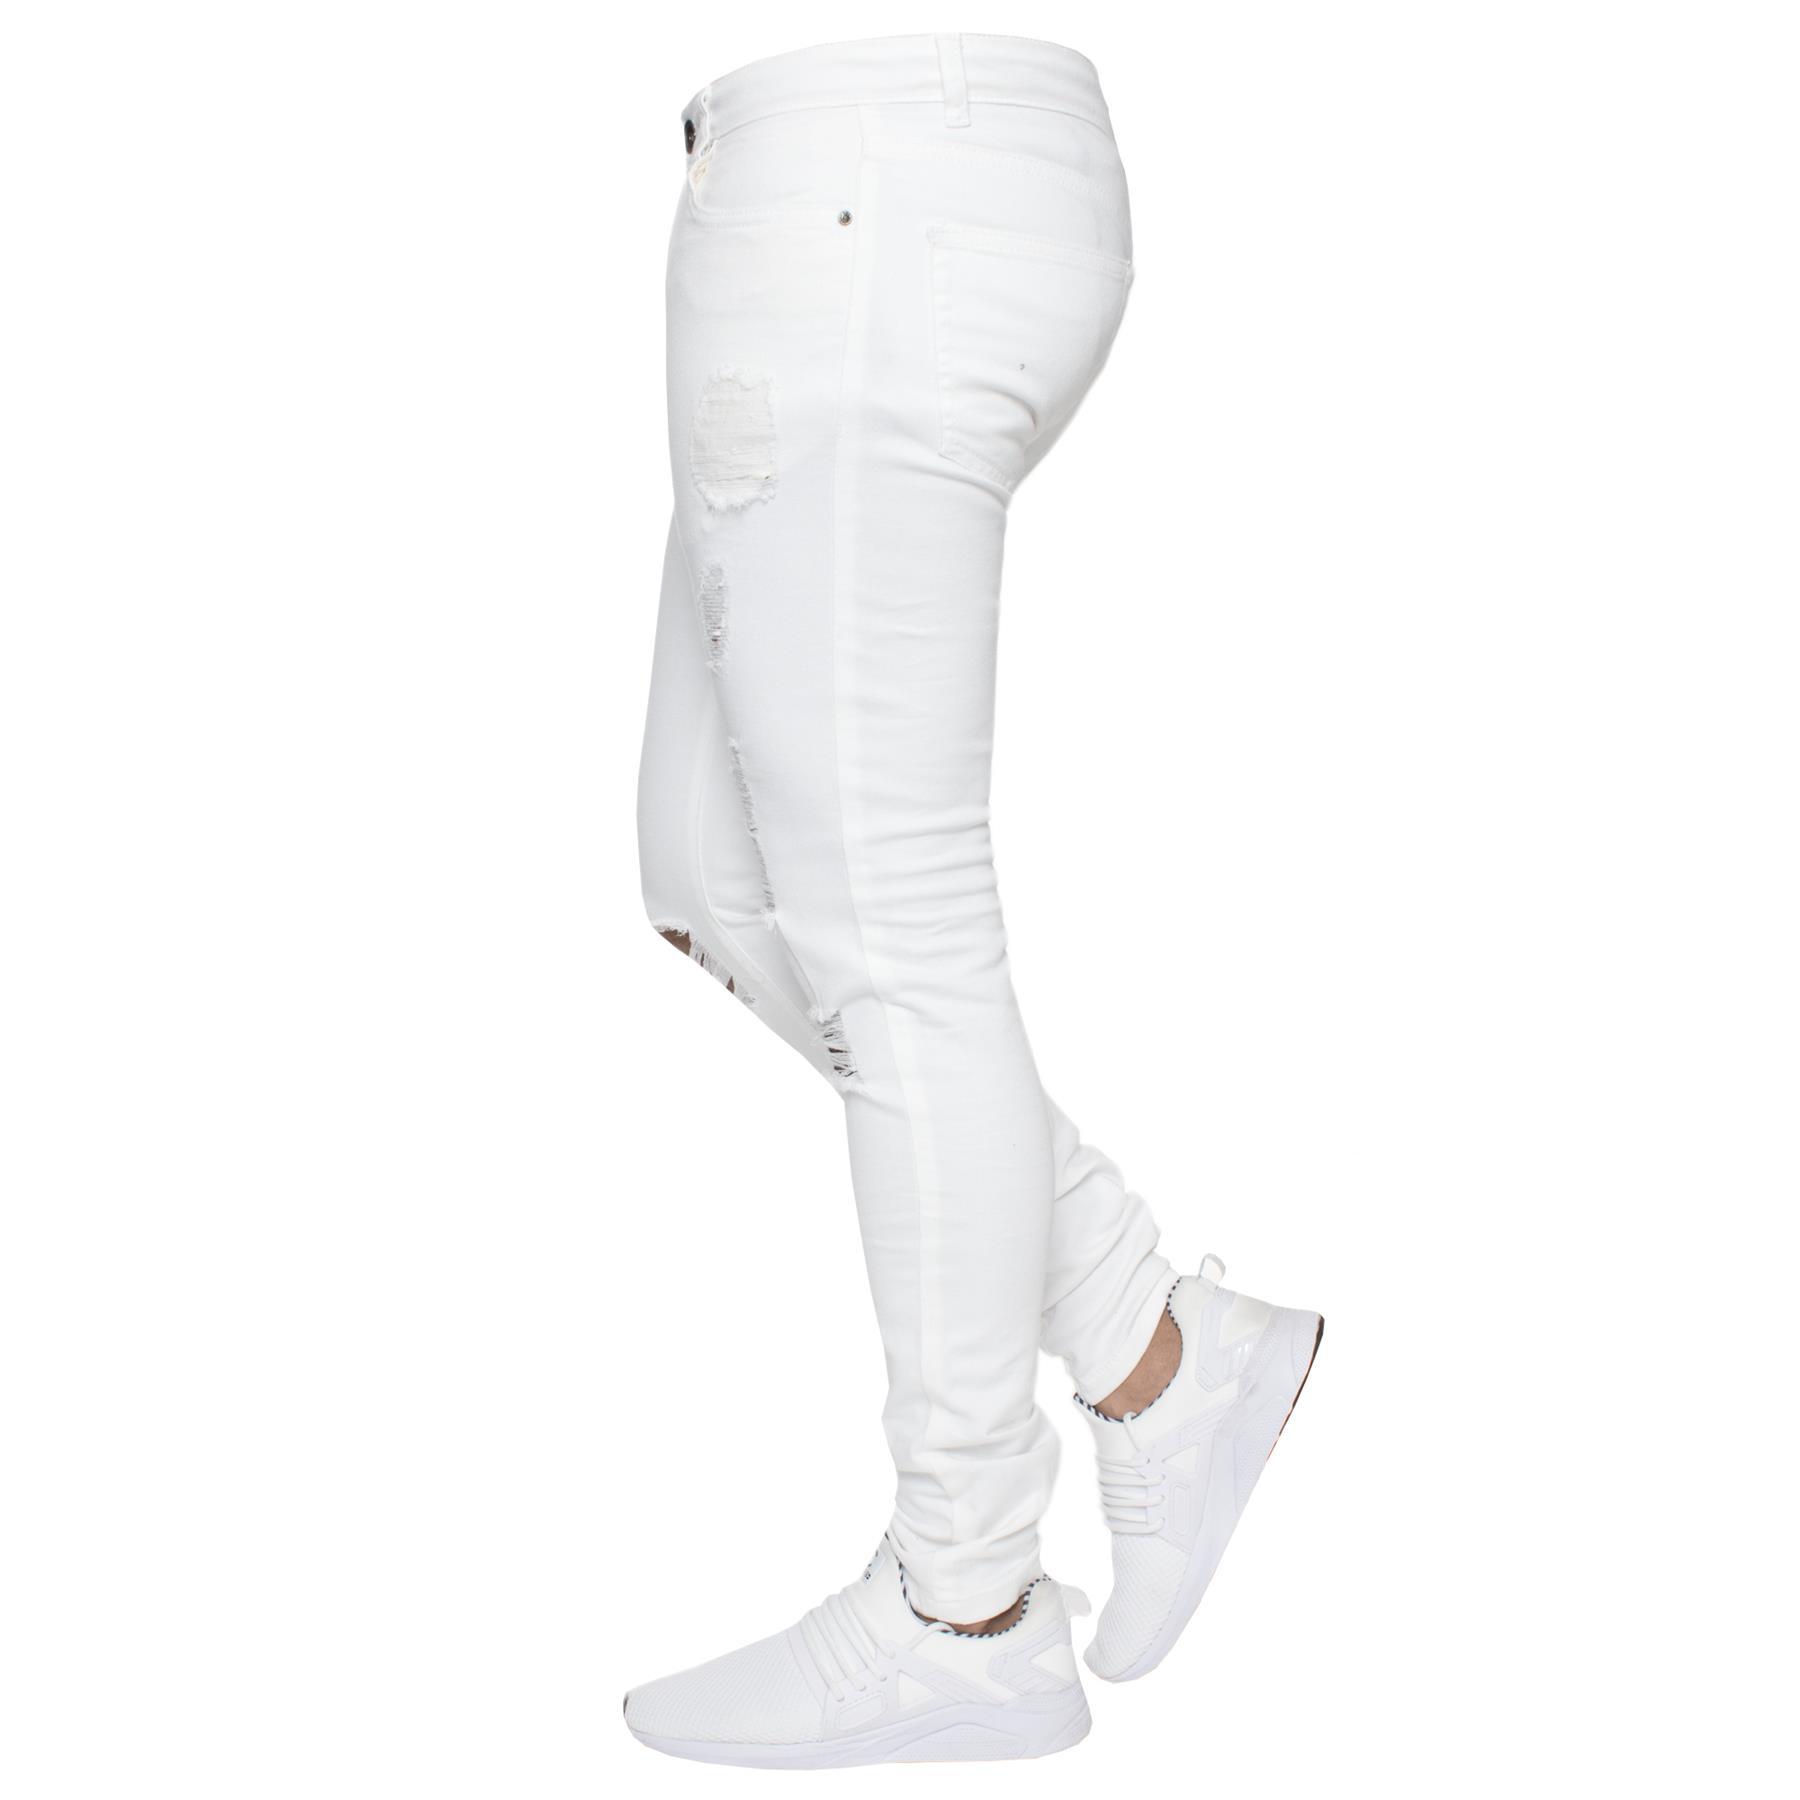 Para-hombre-Super-Skinny-Ripped-Jeans-Pantalones-Ajustados-desgastados-Denim-Envejecido-Todas miniatura 25